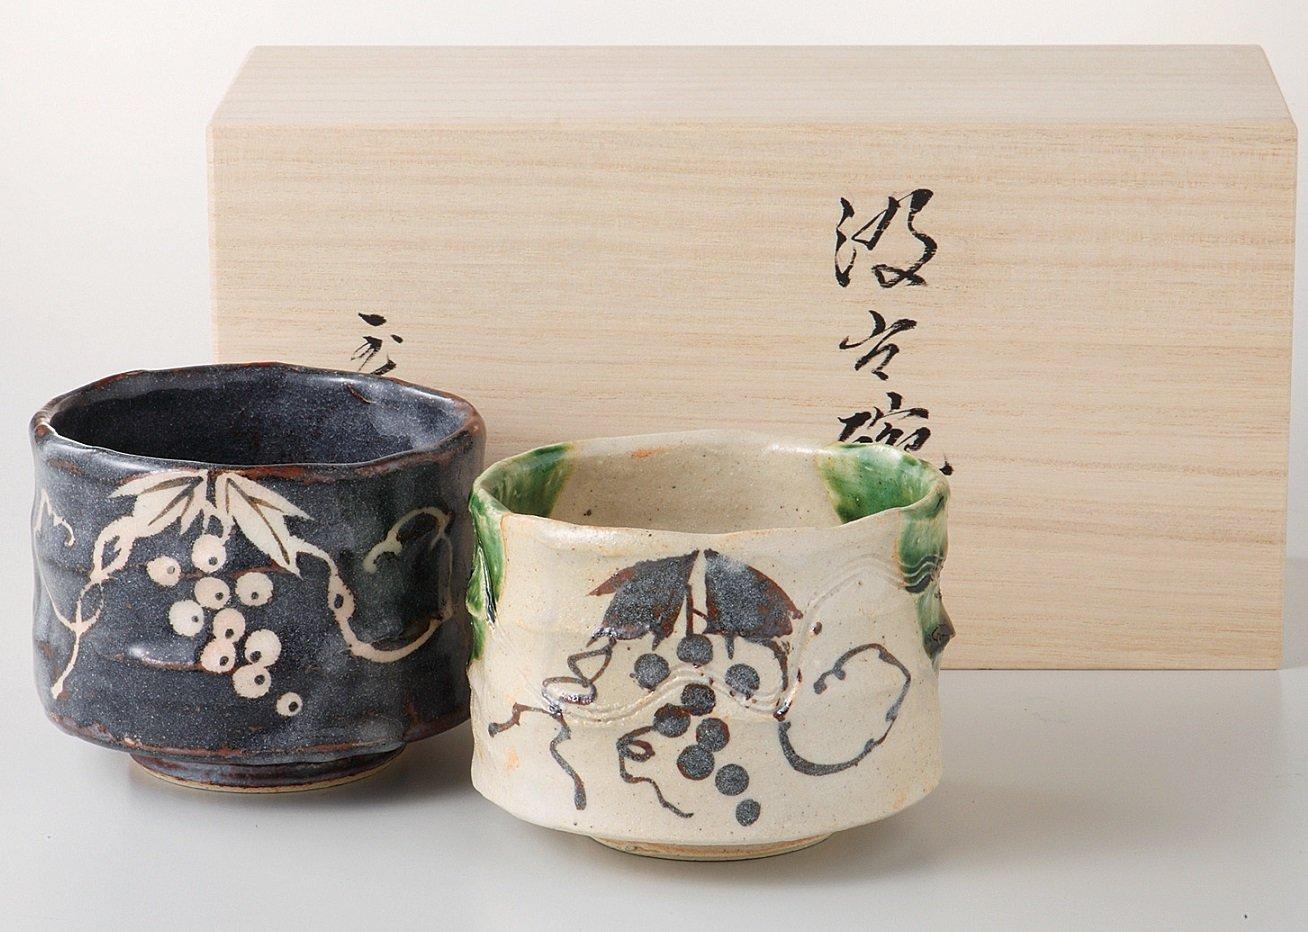 Blue Porcelain Kitchen Craft Retro Design Egg Cup 9 X 12 X 16cm Porcelain